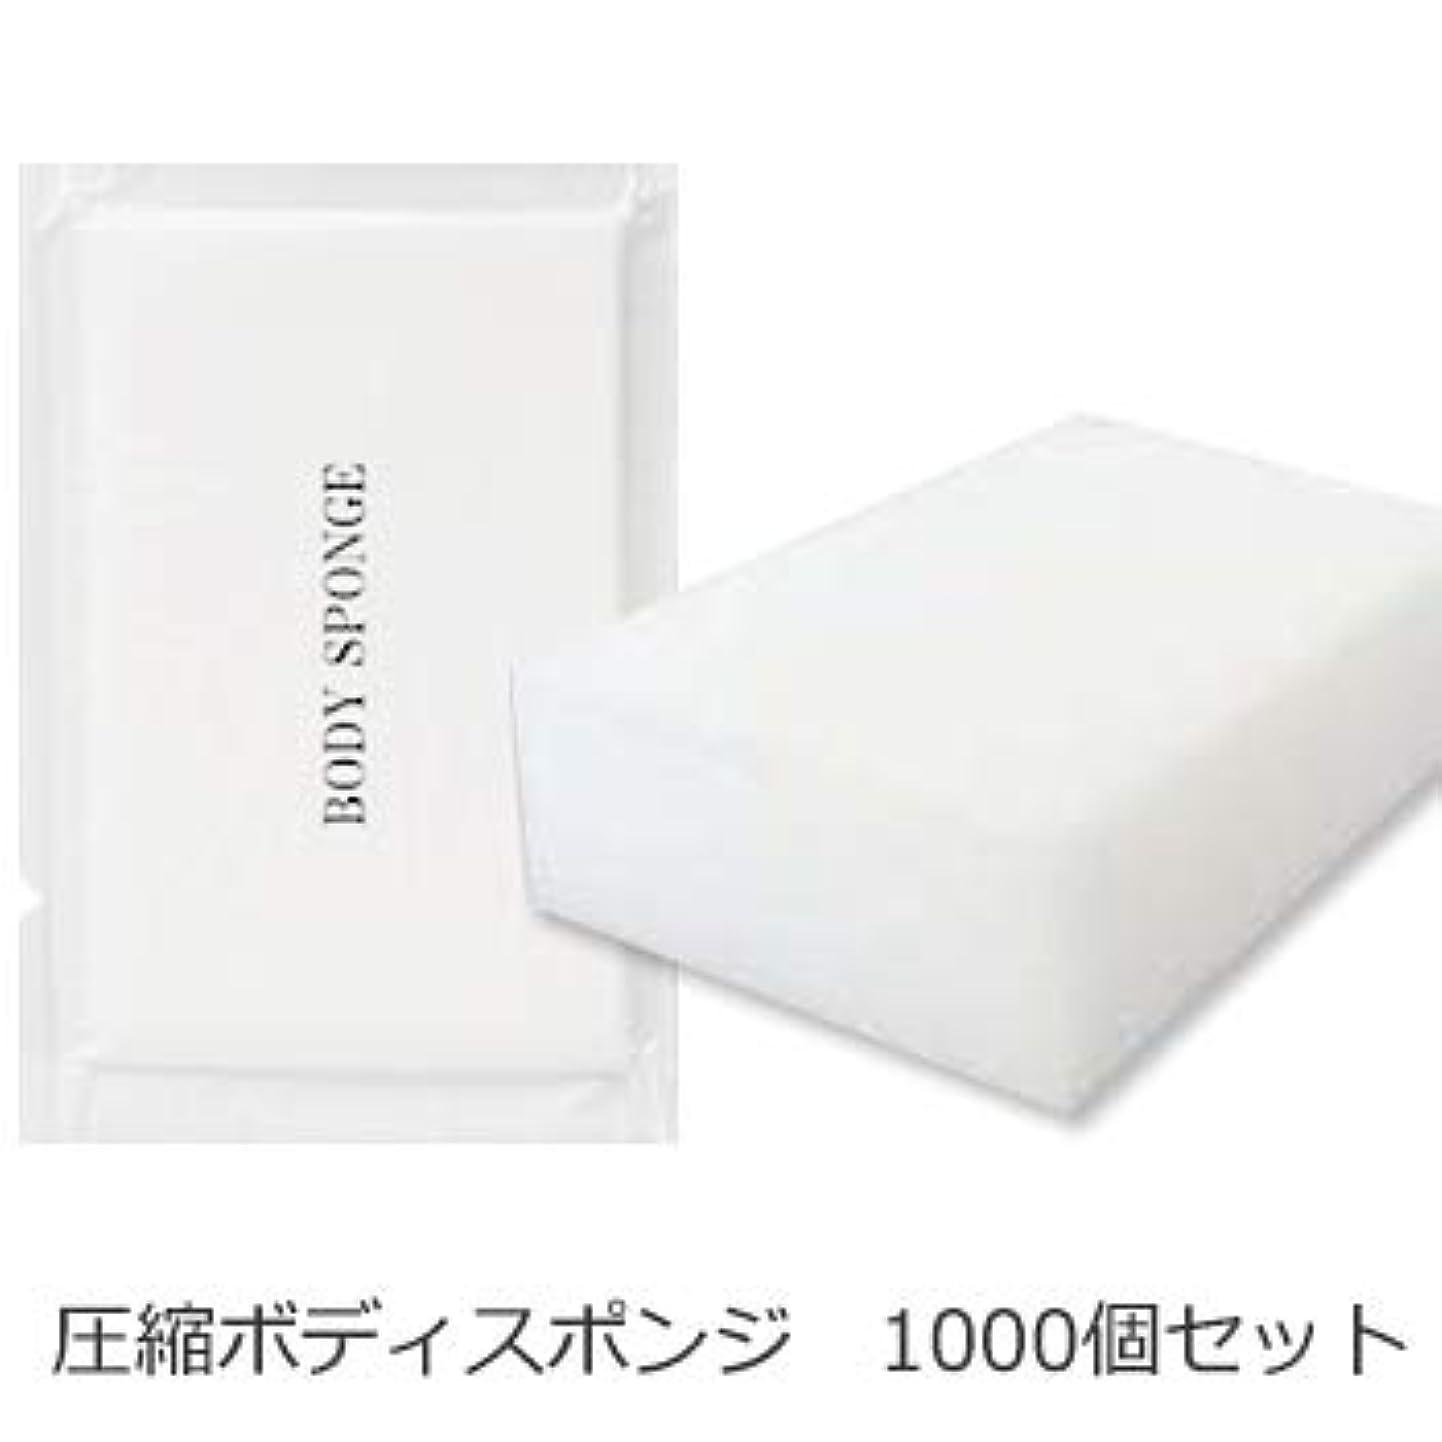 思い出す障害事務所ボディスポンジ 海綿タイプ 厚み 30mm (1セット1000個入)1個当り11円税別